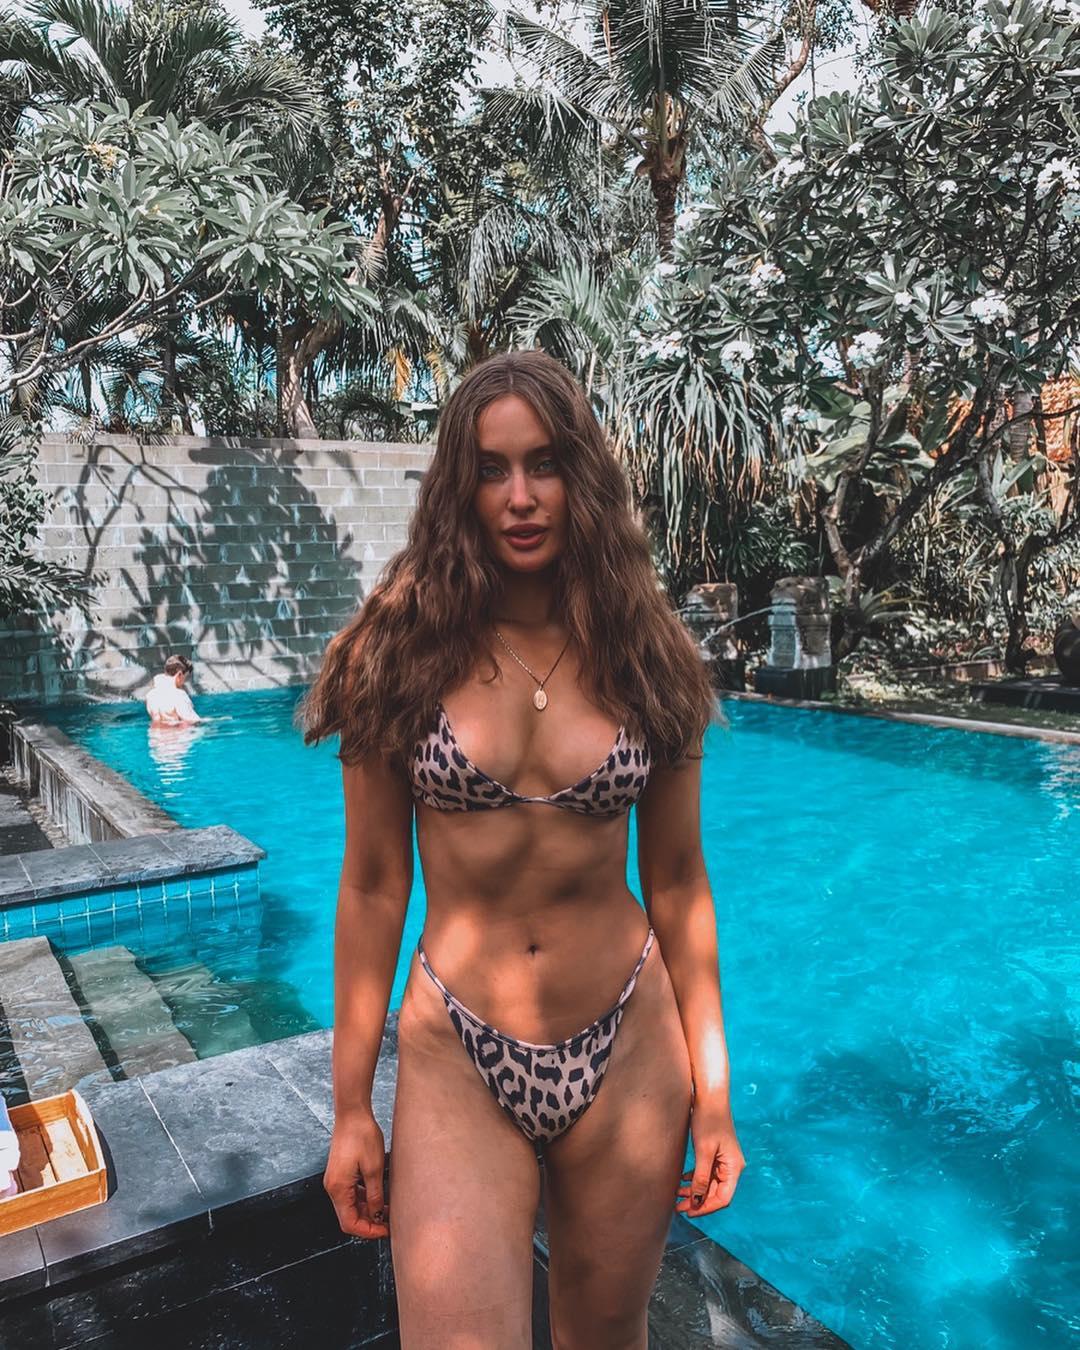 La concursante al Miss Universo que se fotografió mostrando sus estrías La irlandesa Rozanna Purcell hizo un llamado a todas las mujeres a aceptar su cuerpo tal y como es. Eqebyrqw